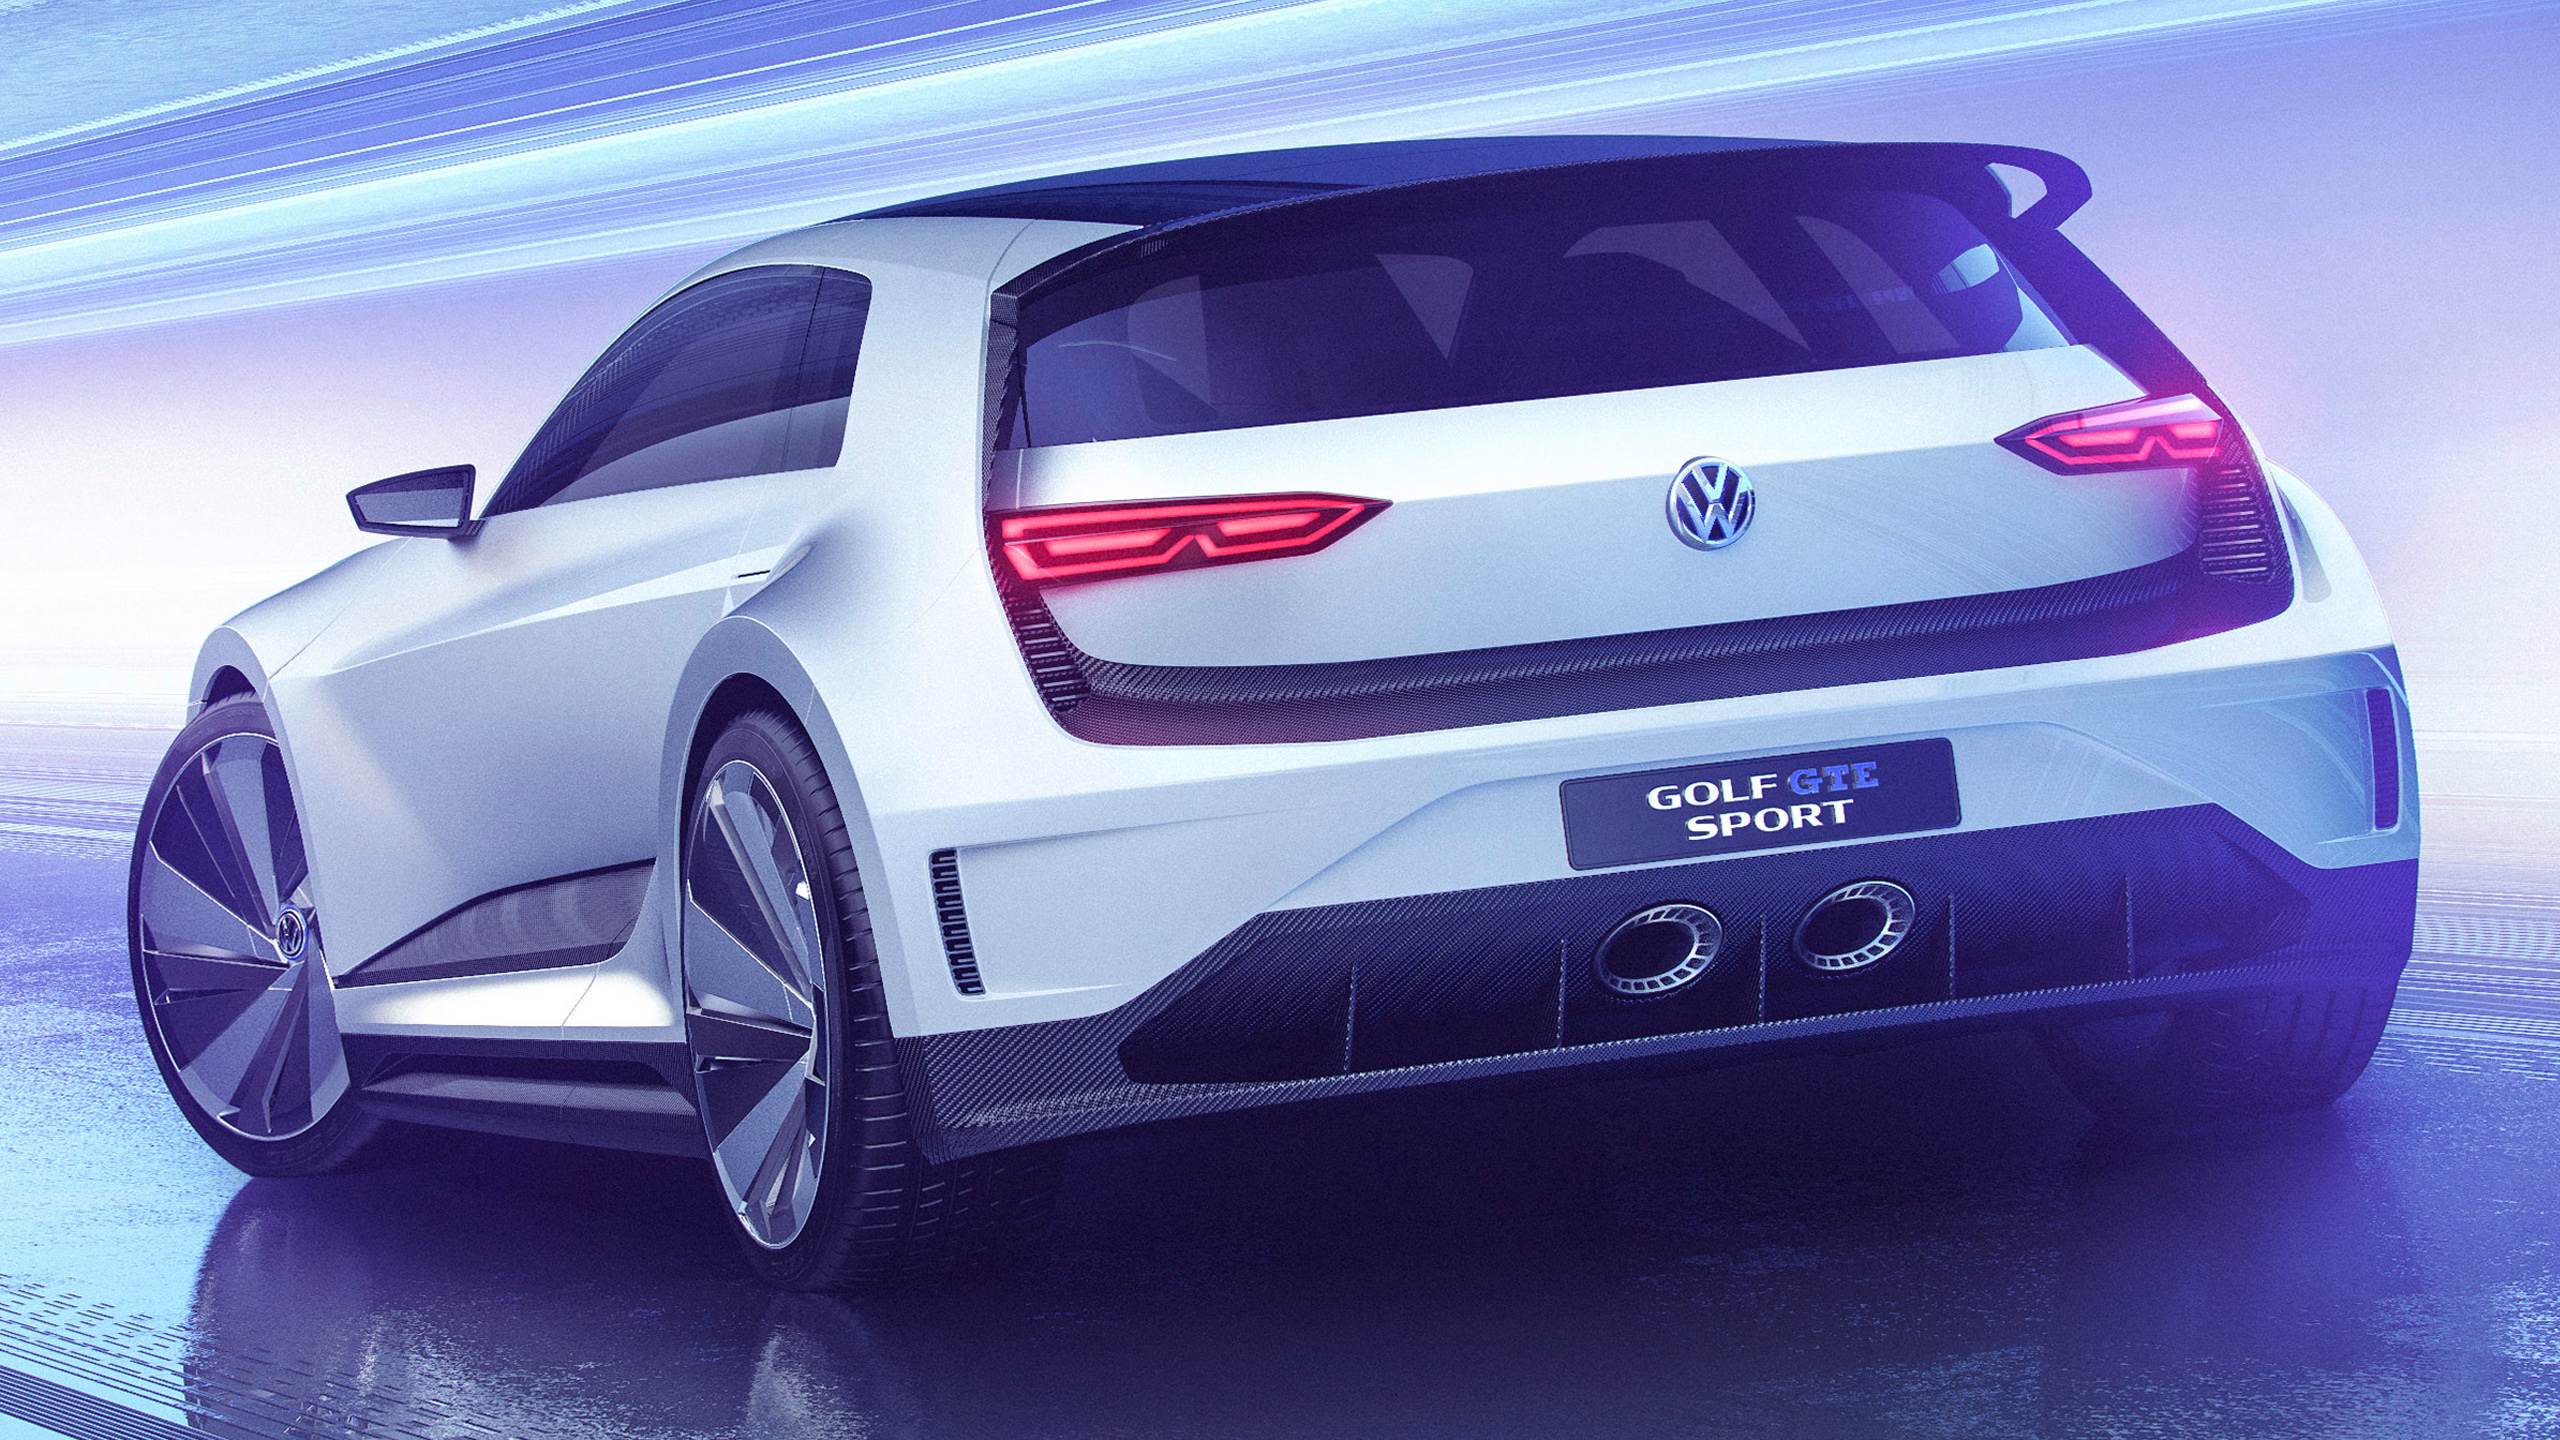 2015 Volkswagen Golf GTE Sport Concept 3